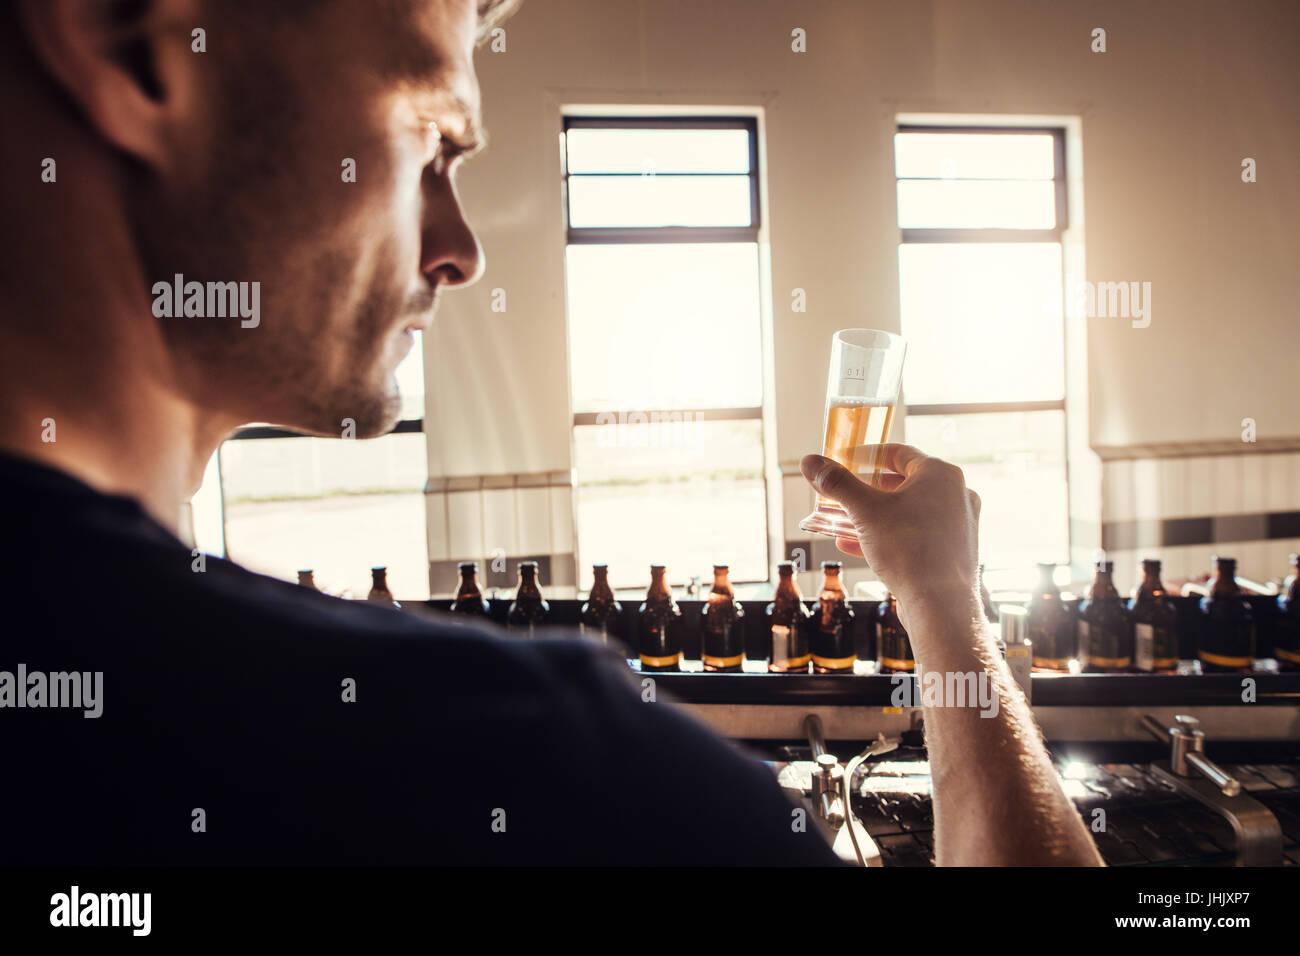 Männliche Brauer Handwerk Bier Brauerei werkseitig getestet. Junger Mann Probe Bierglas während der Fertigung Stockbild